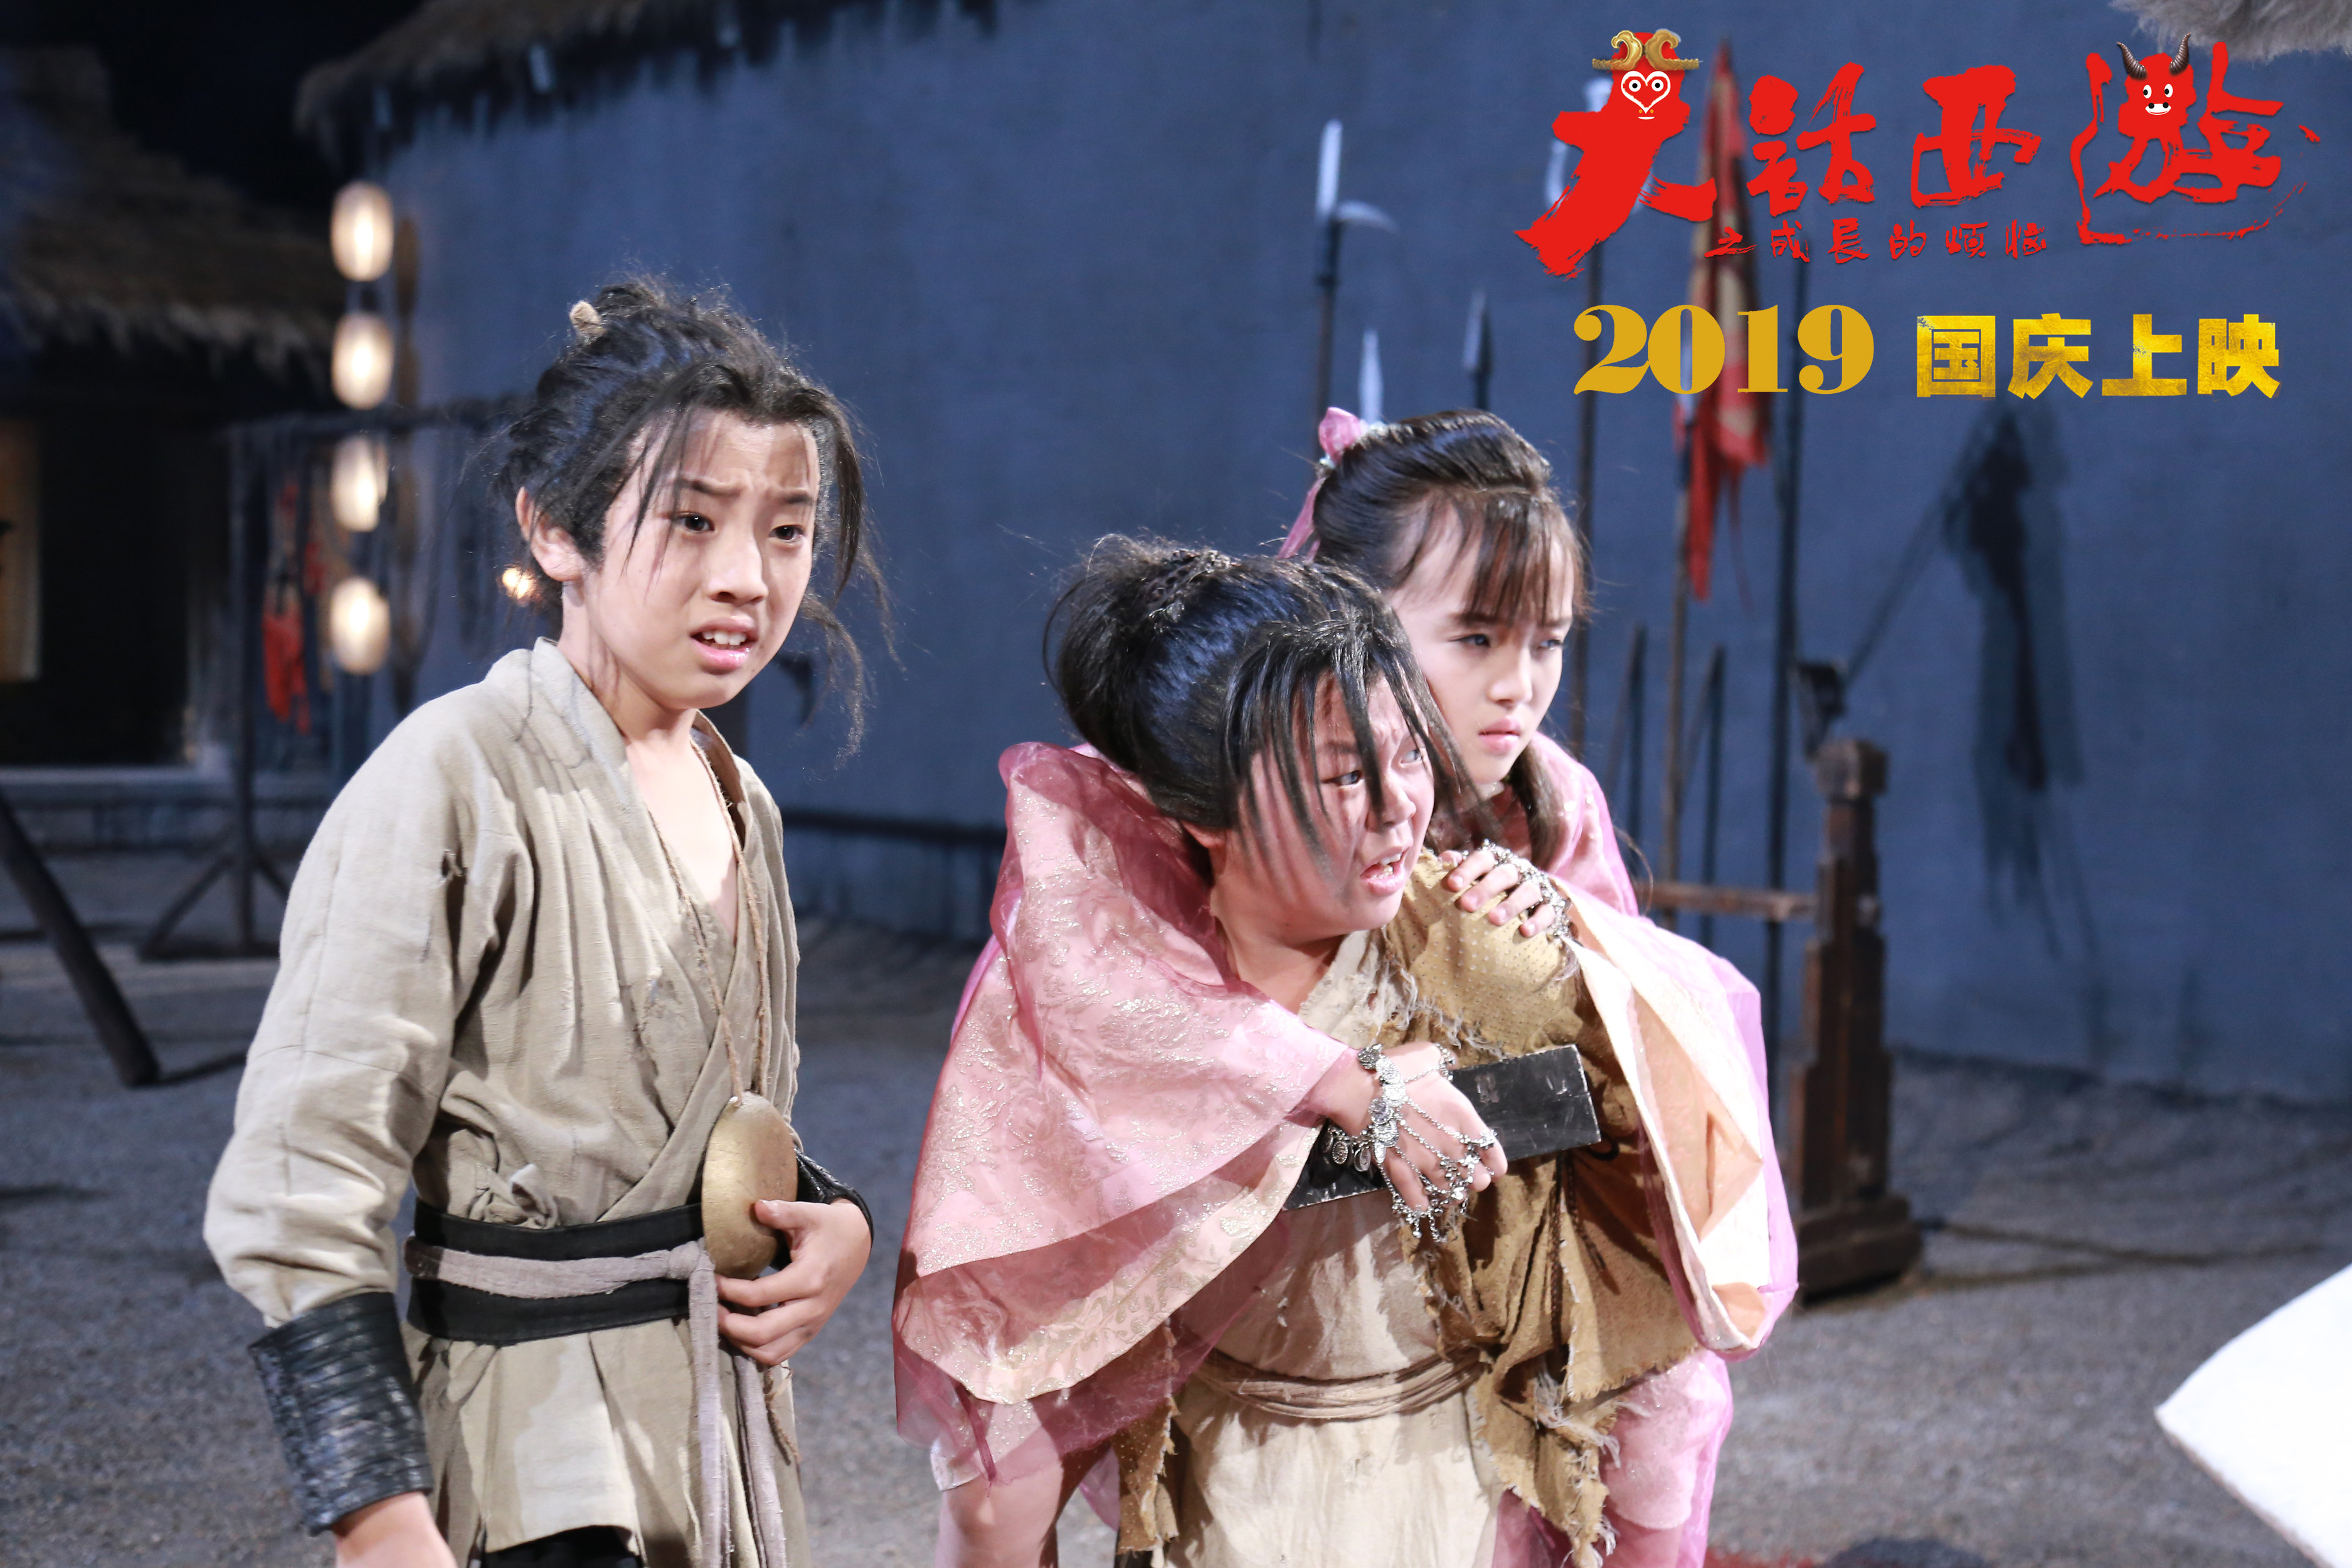 彭馨乐顾文凯领衔主演《大话西游之成长的烦恼》发布预告片